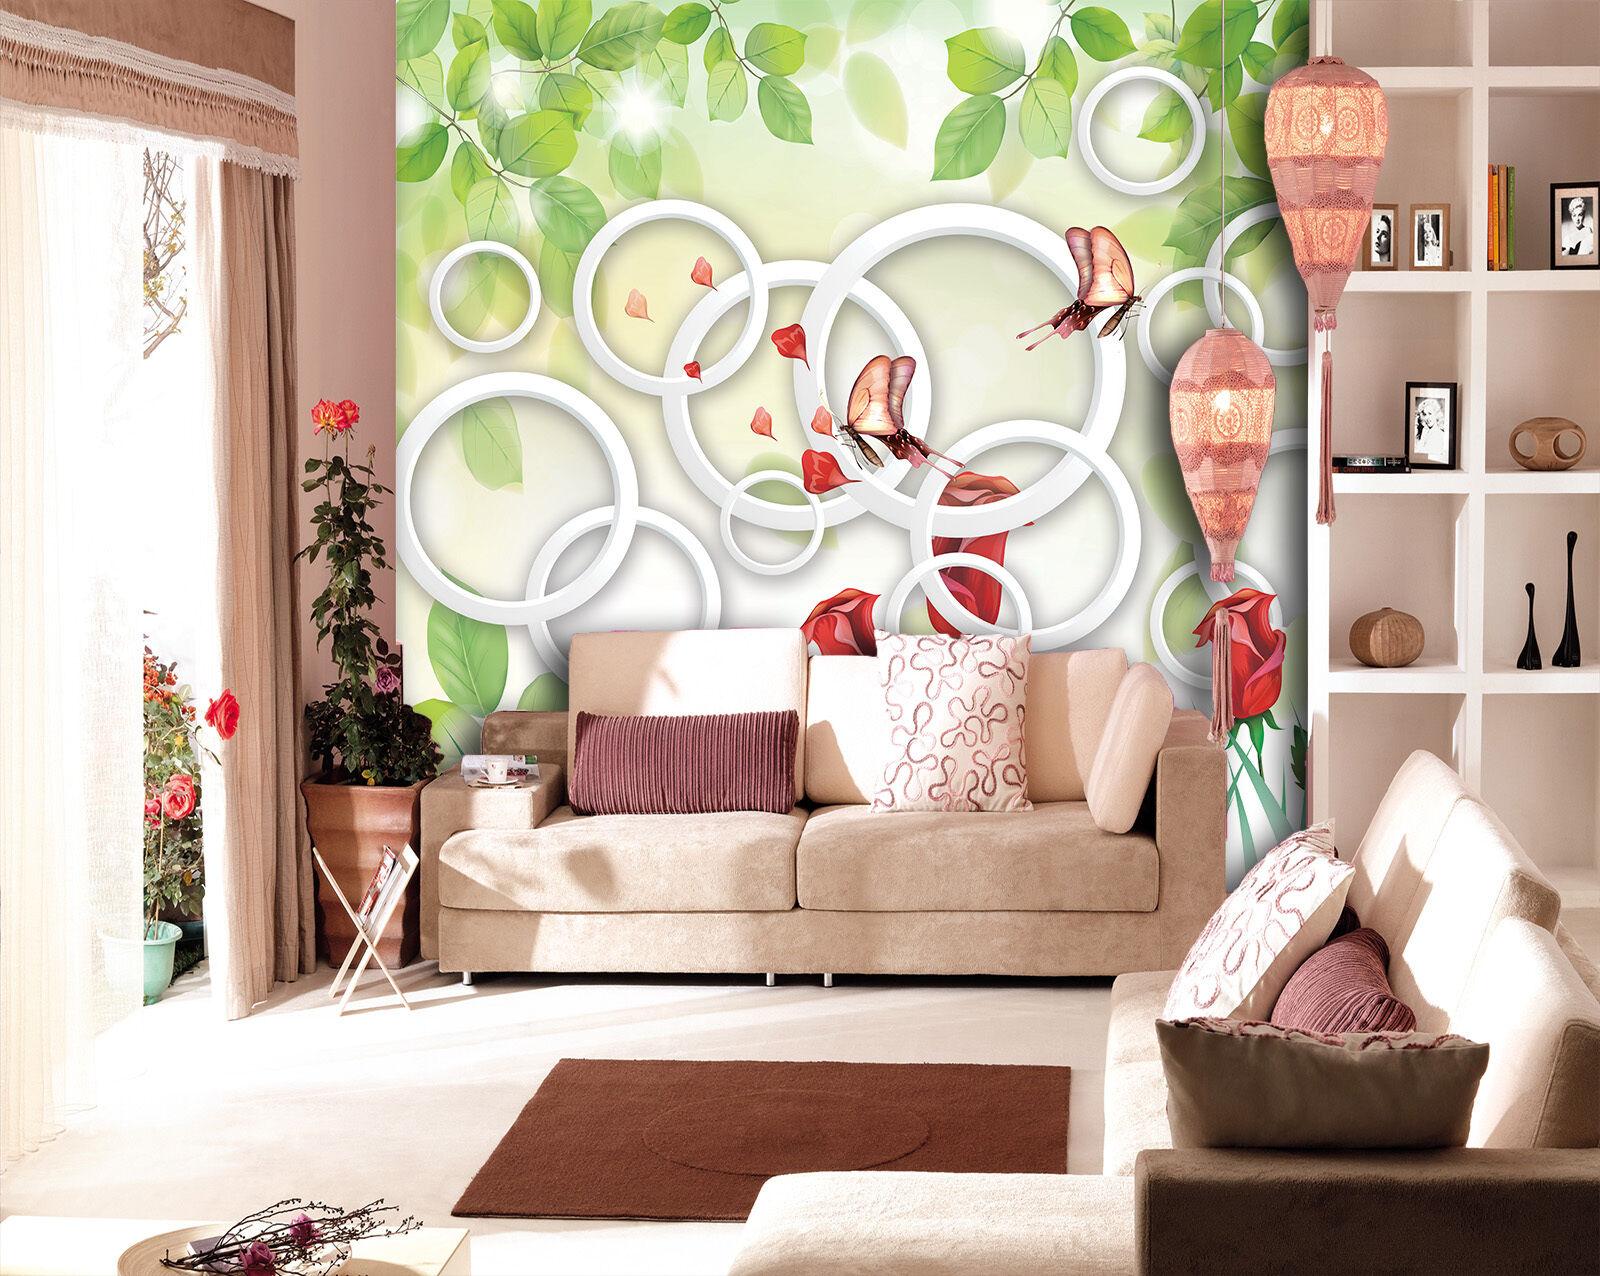 3D Blätter, Rosen, Kreis 233 233 233 Fototapeten Wandbild Fototapete BildTapete Familie 0c4e4a